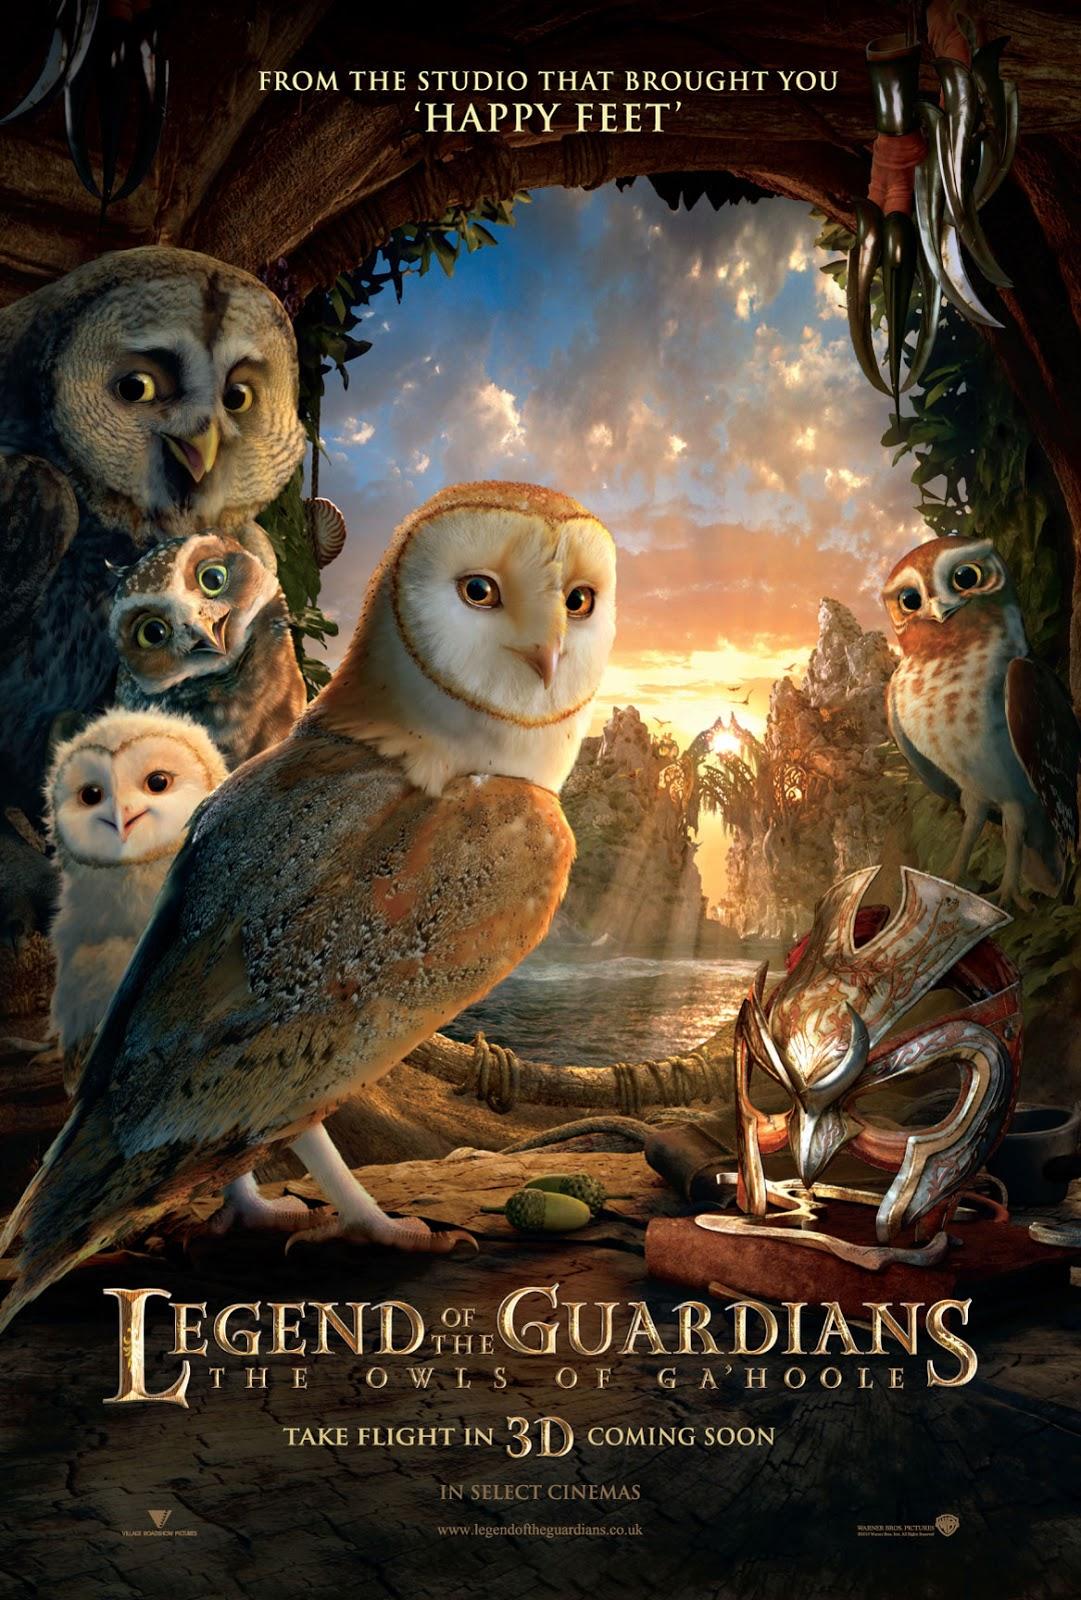 Legende din regatul bufnitelor Legend of the Guardians The owls of Ga'Hoole Desene Animate Online Dublate si Subtitrate in Limba Romana